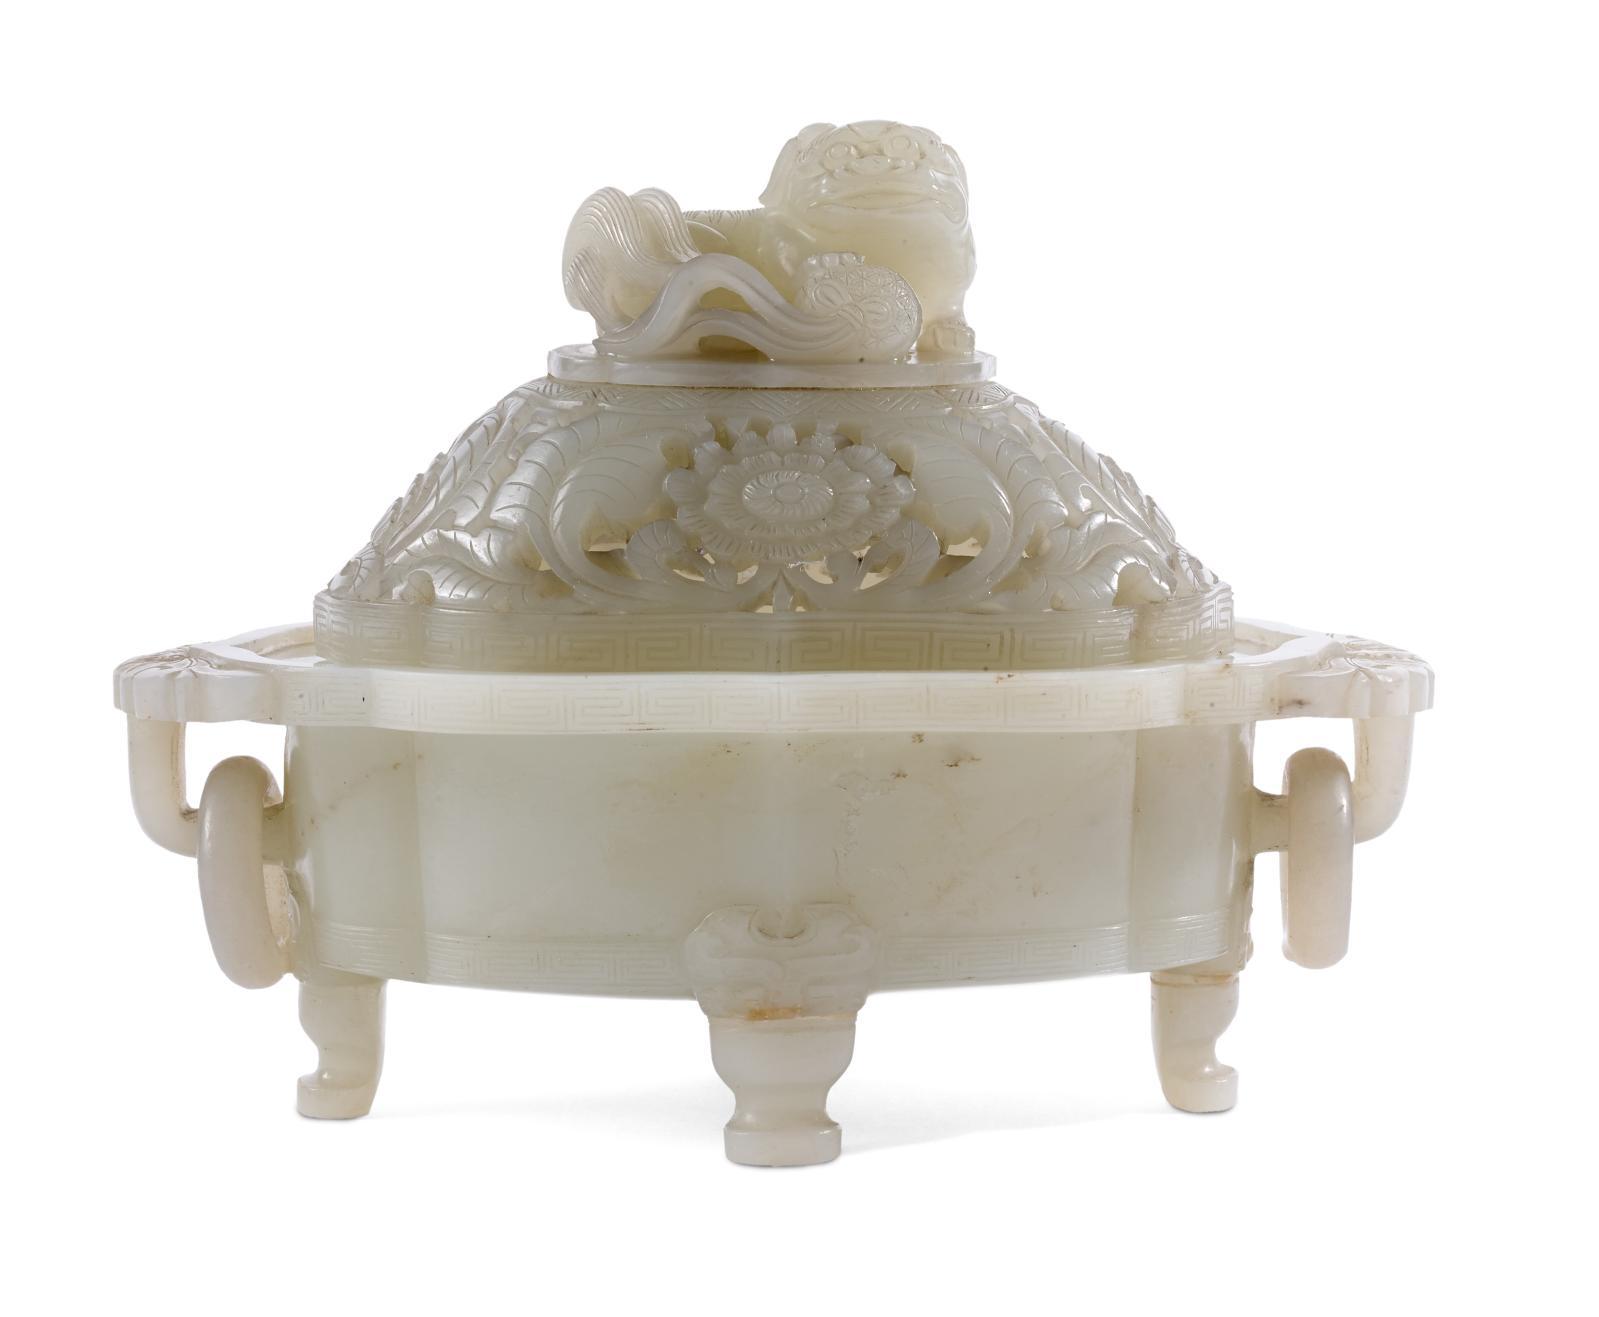 Chine, XIXesiècle. Brûle-parfum en jade blanc, à décor ajouré de fleurs de lotus sur le couvercle surmonté d'une chimère jouant avec une balle, 12x